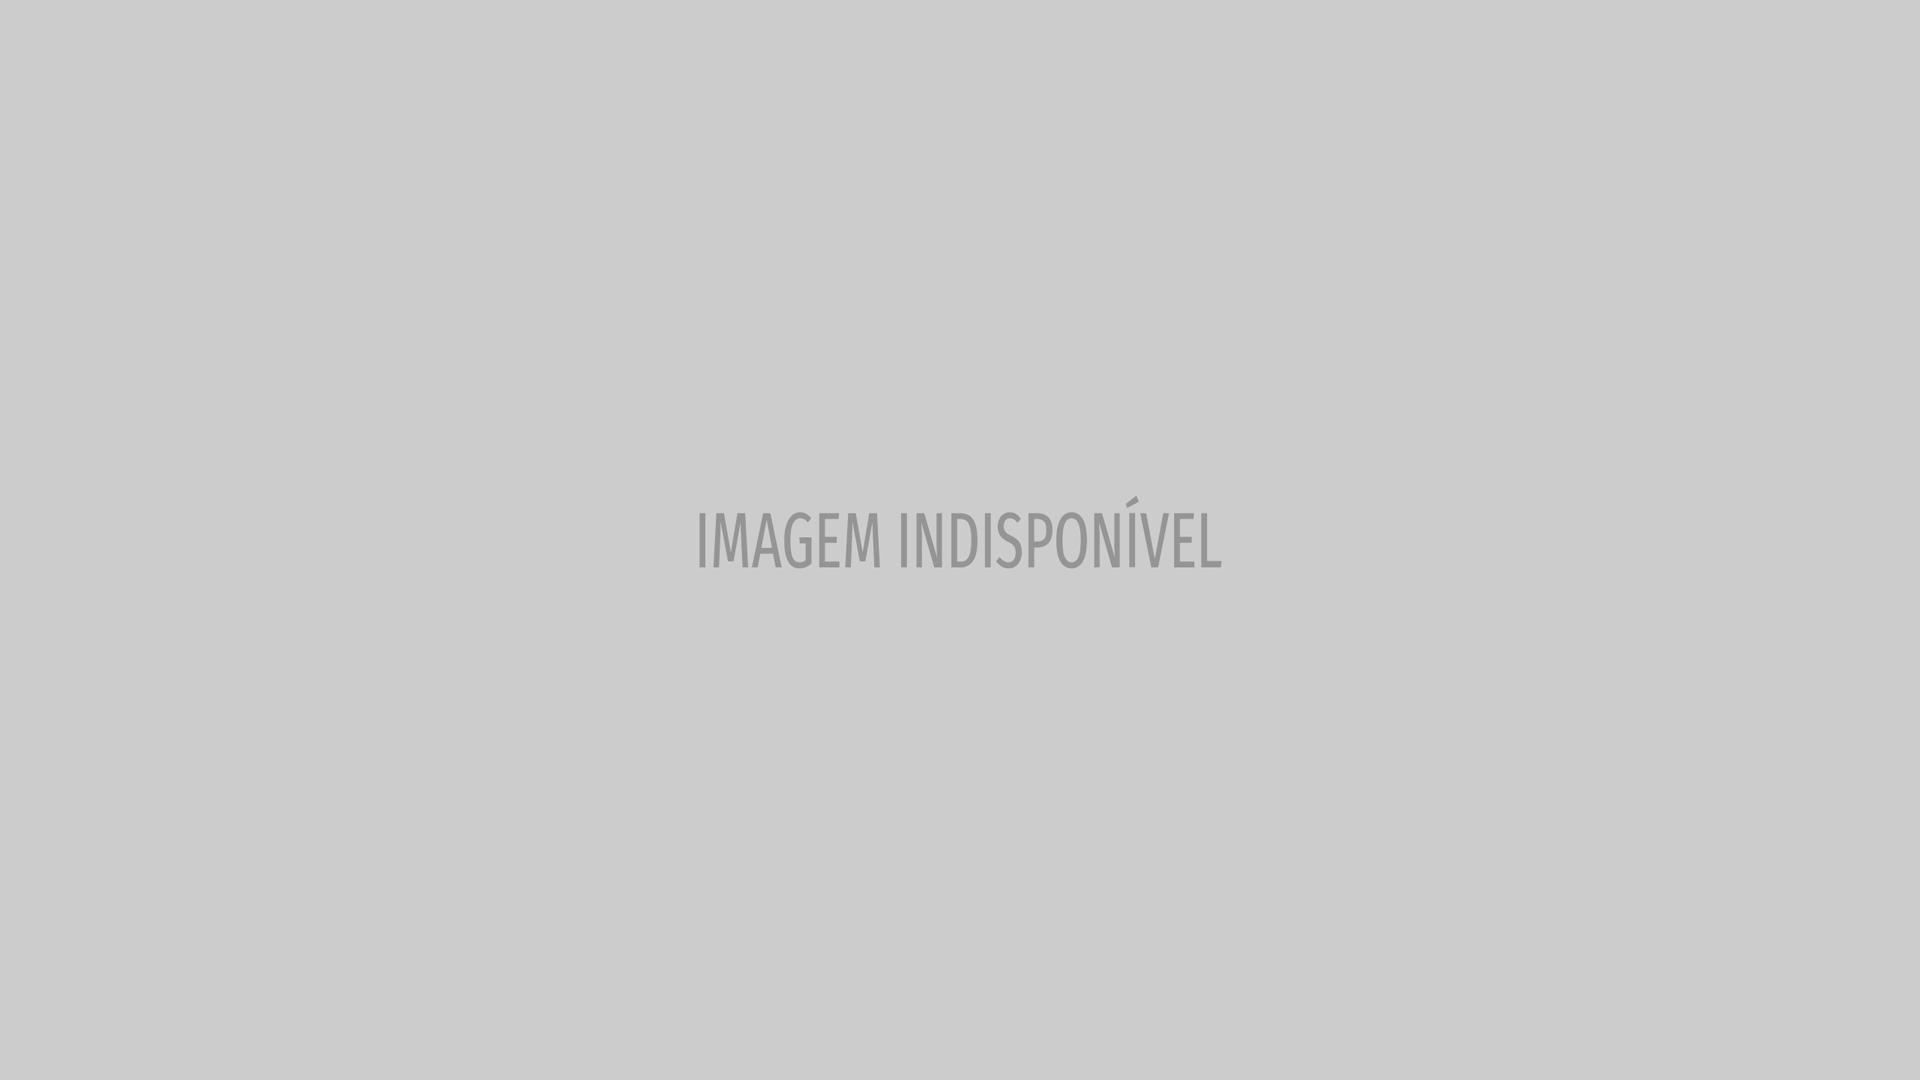 A polémica fotografia da filha do presidente do Quirguistão a amamentar